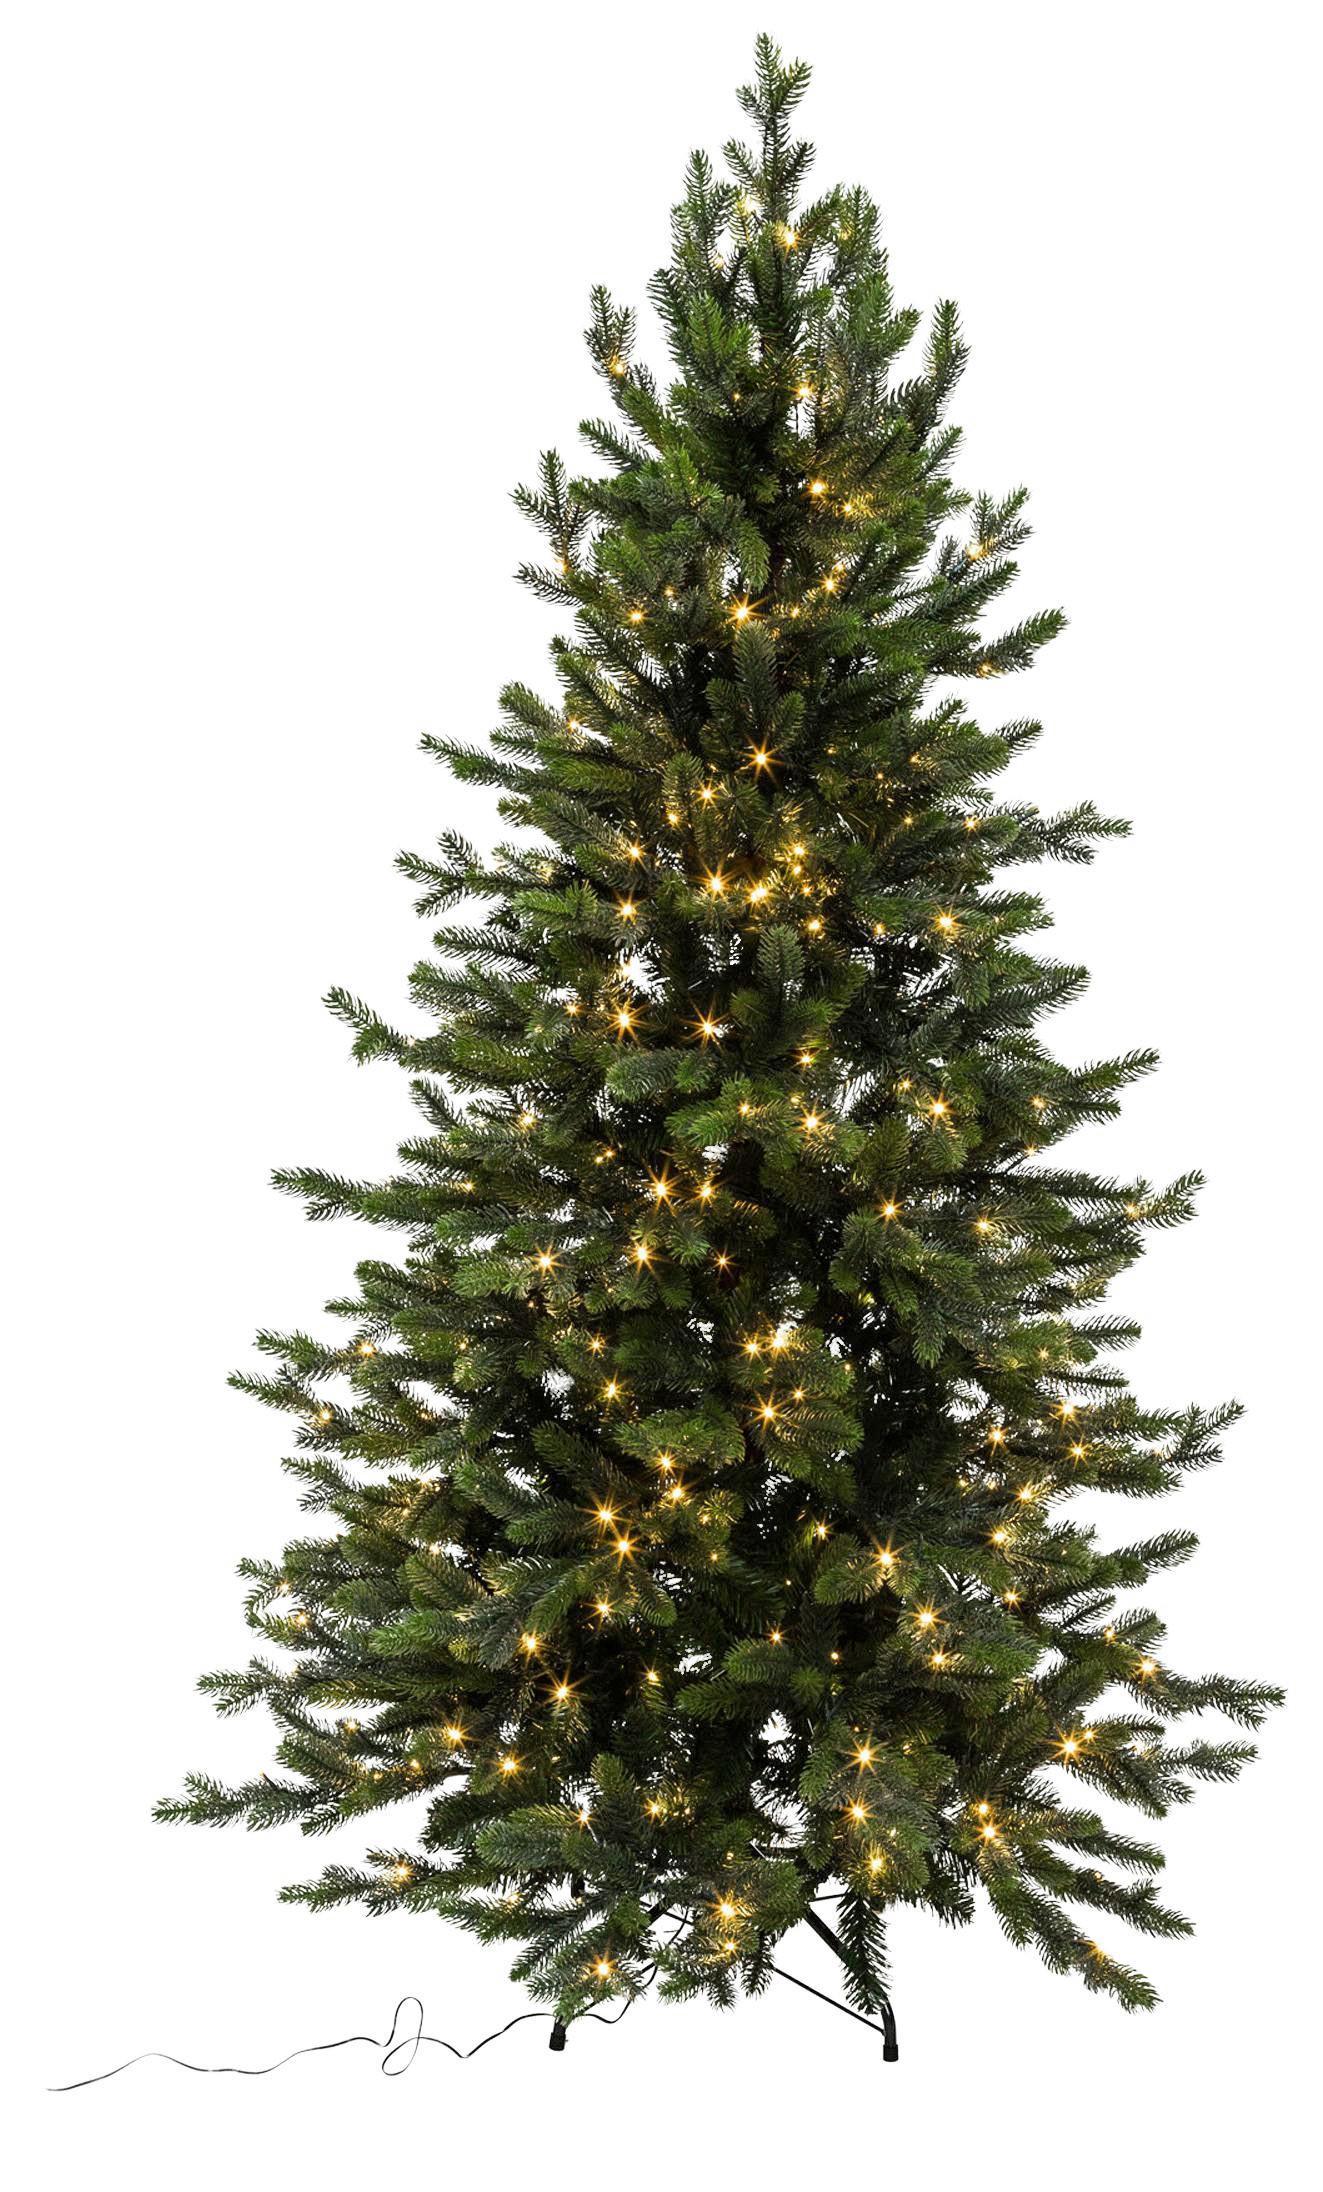 Wien Weihnachtsbaum Kaufen.Weihnachtsbaum H 150 Cm